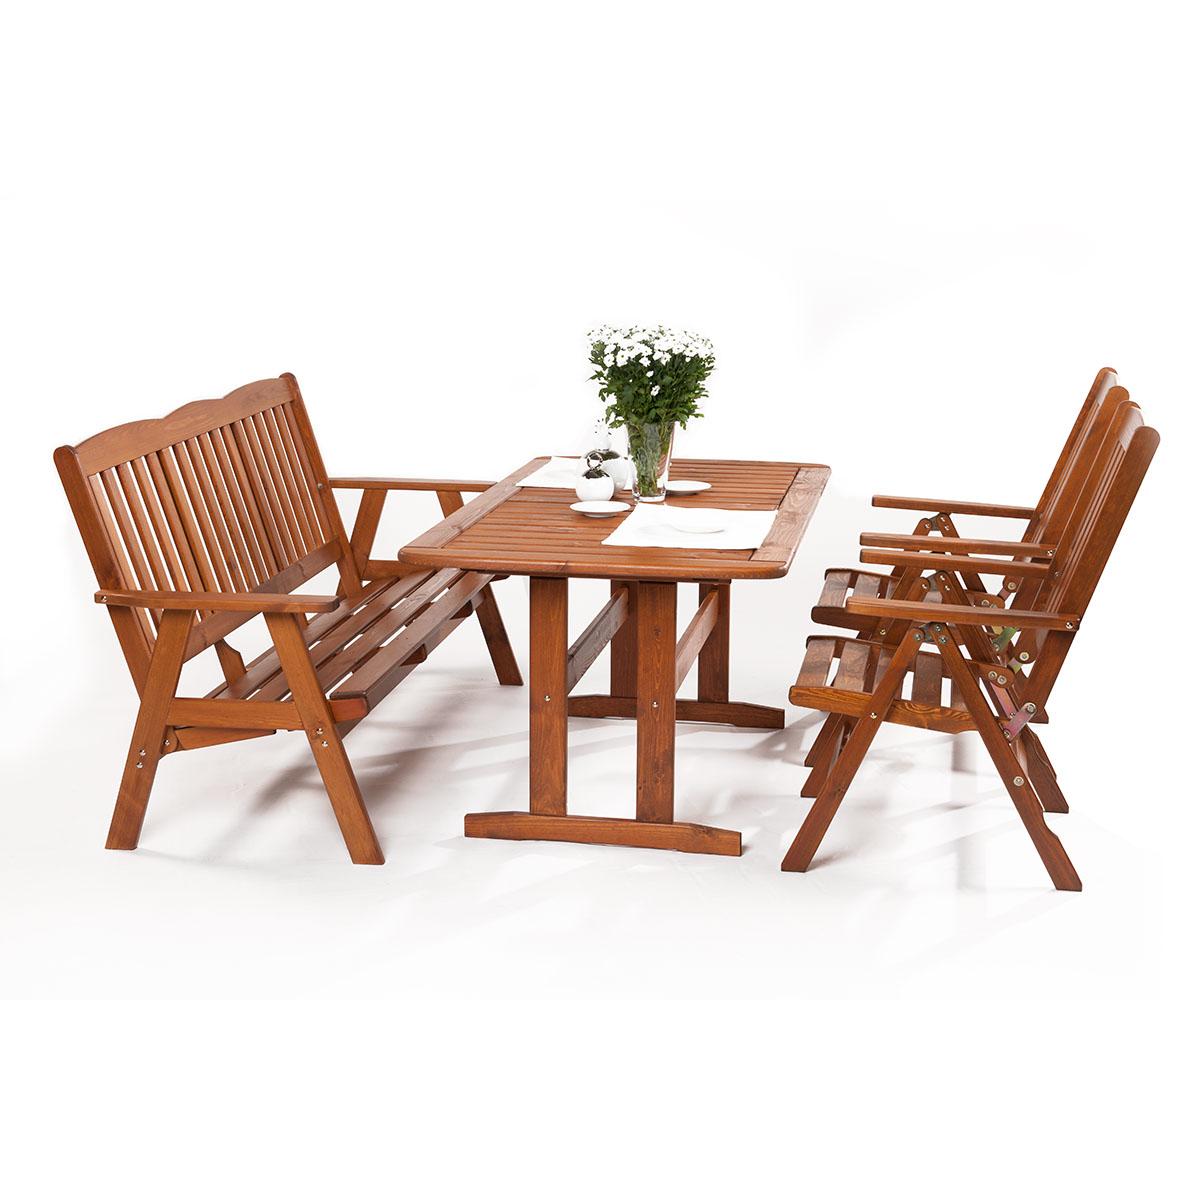 Dřevěná zahradní sestava Sadach 2+3